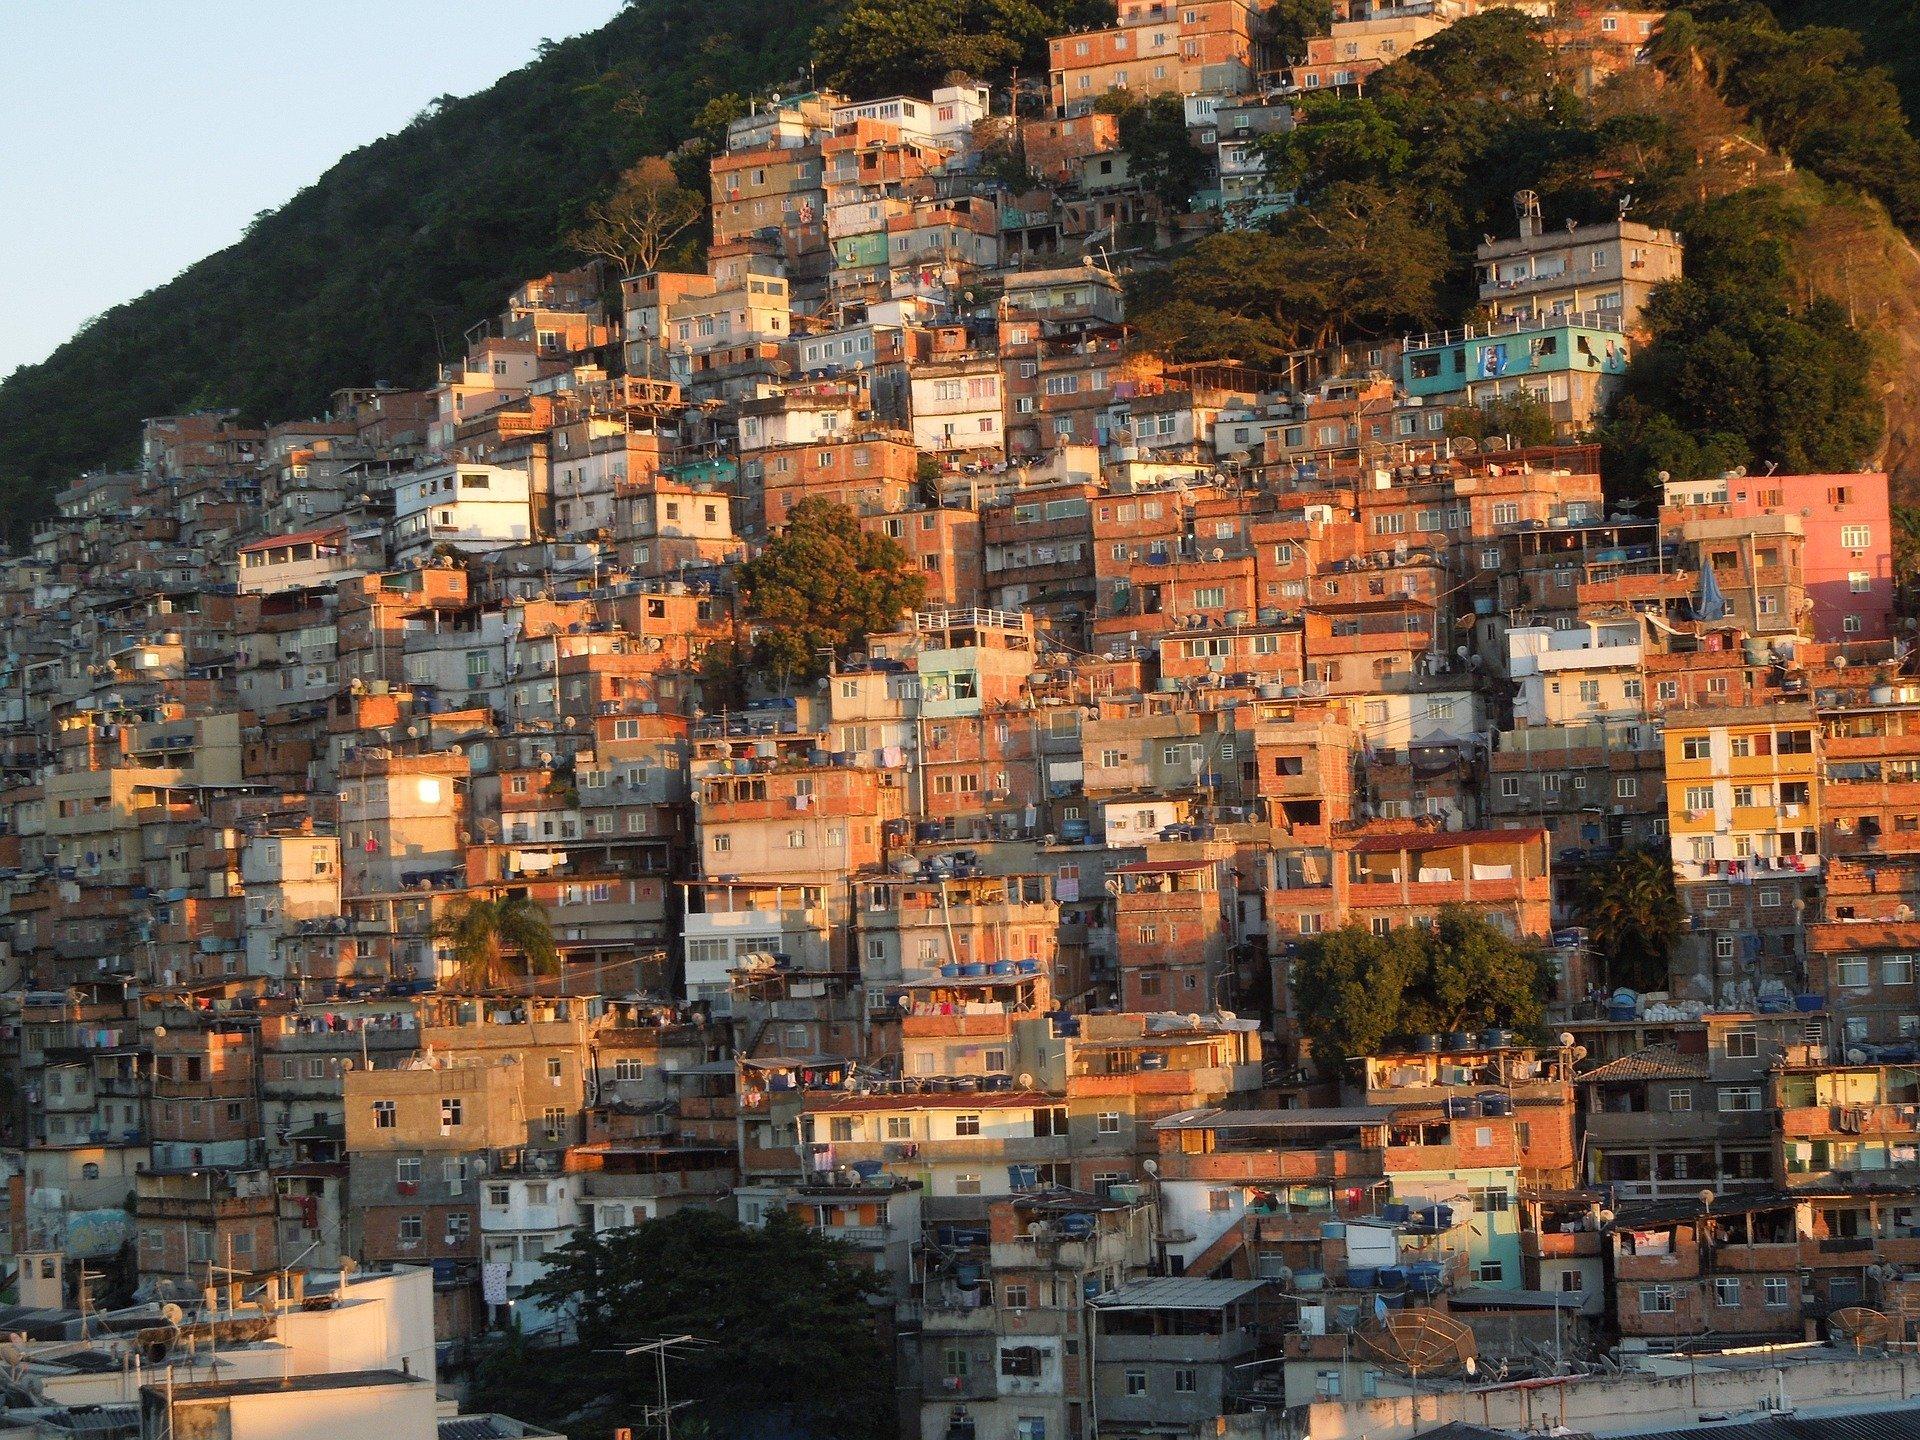 Favelas sofrem mais com a disseminação da COVID-19